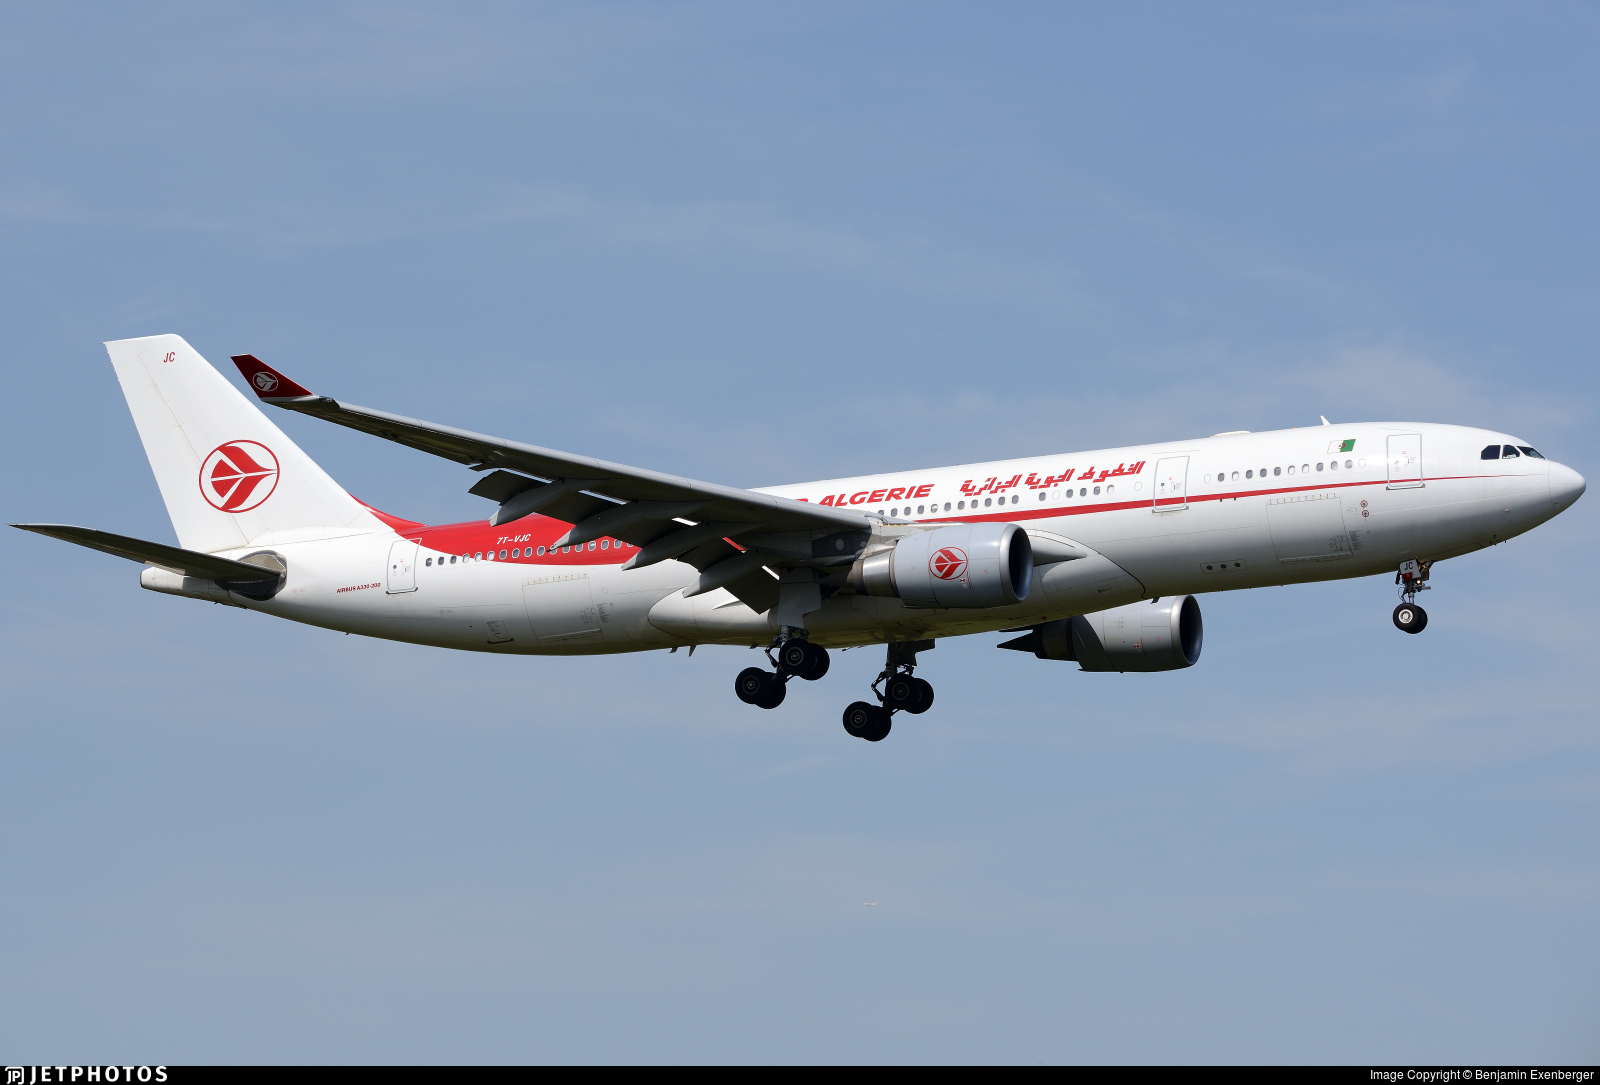 7T-VJC - Airbus A330-203 - Air Algérie